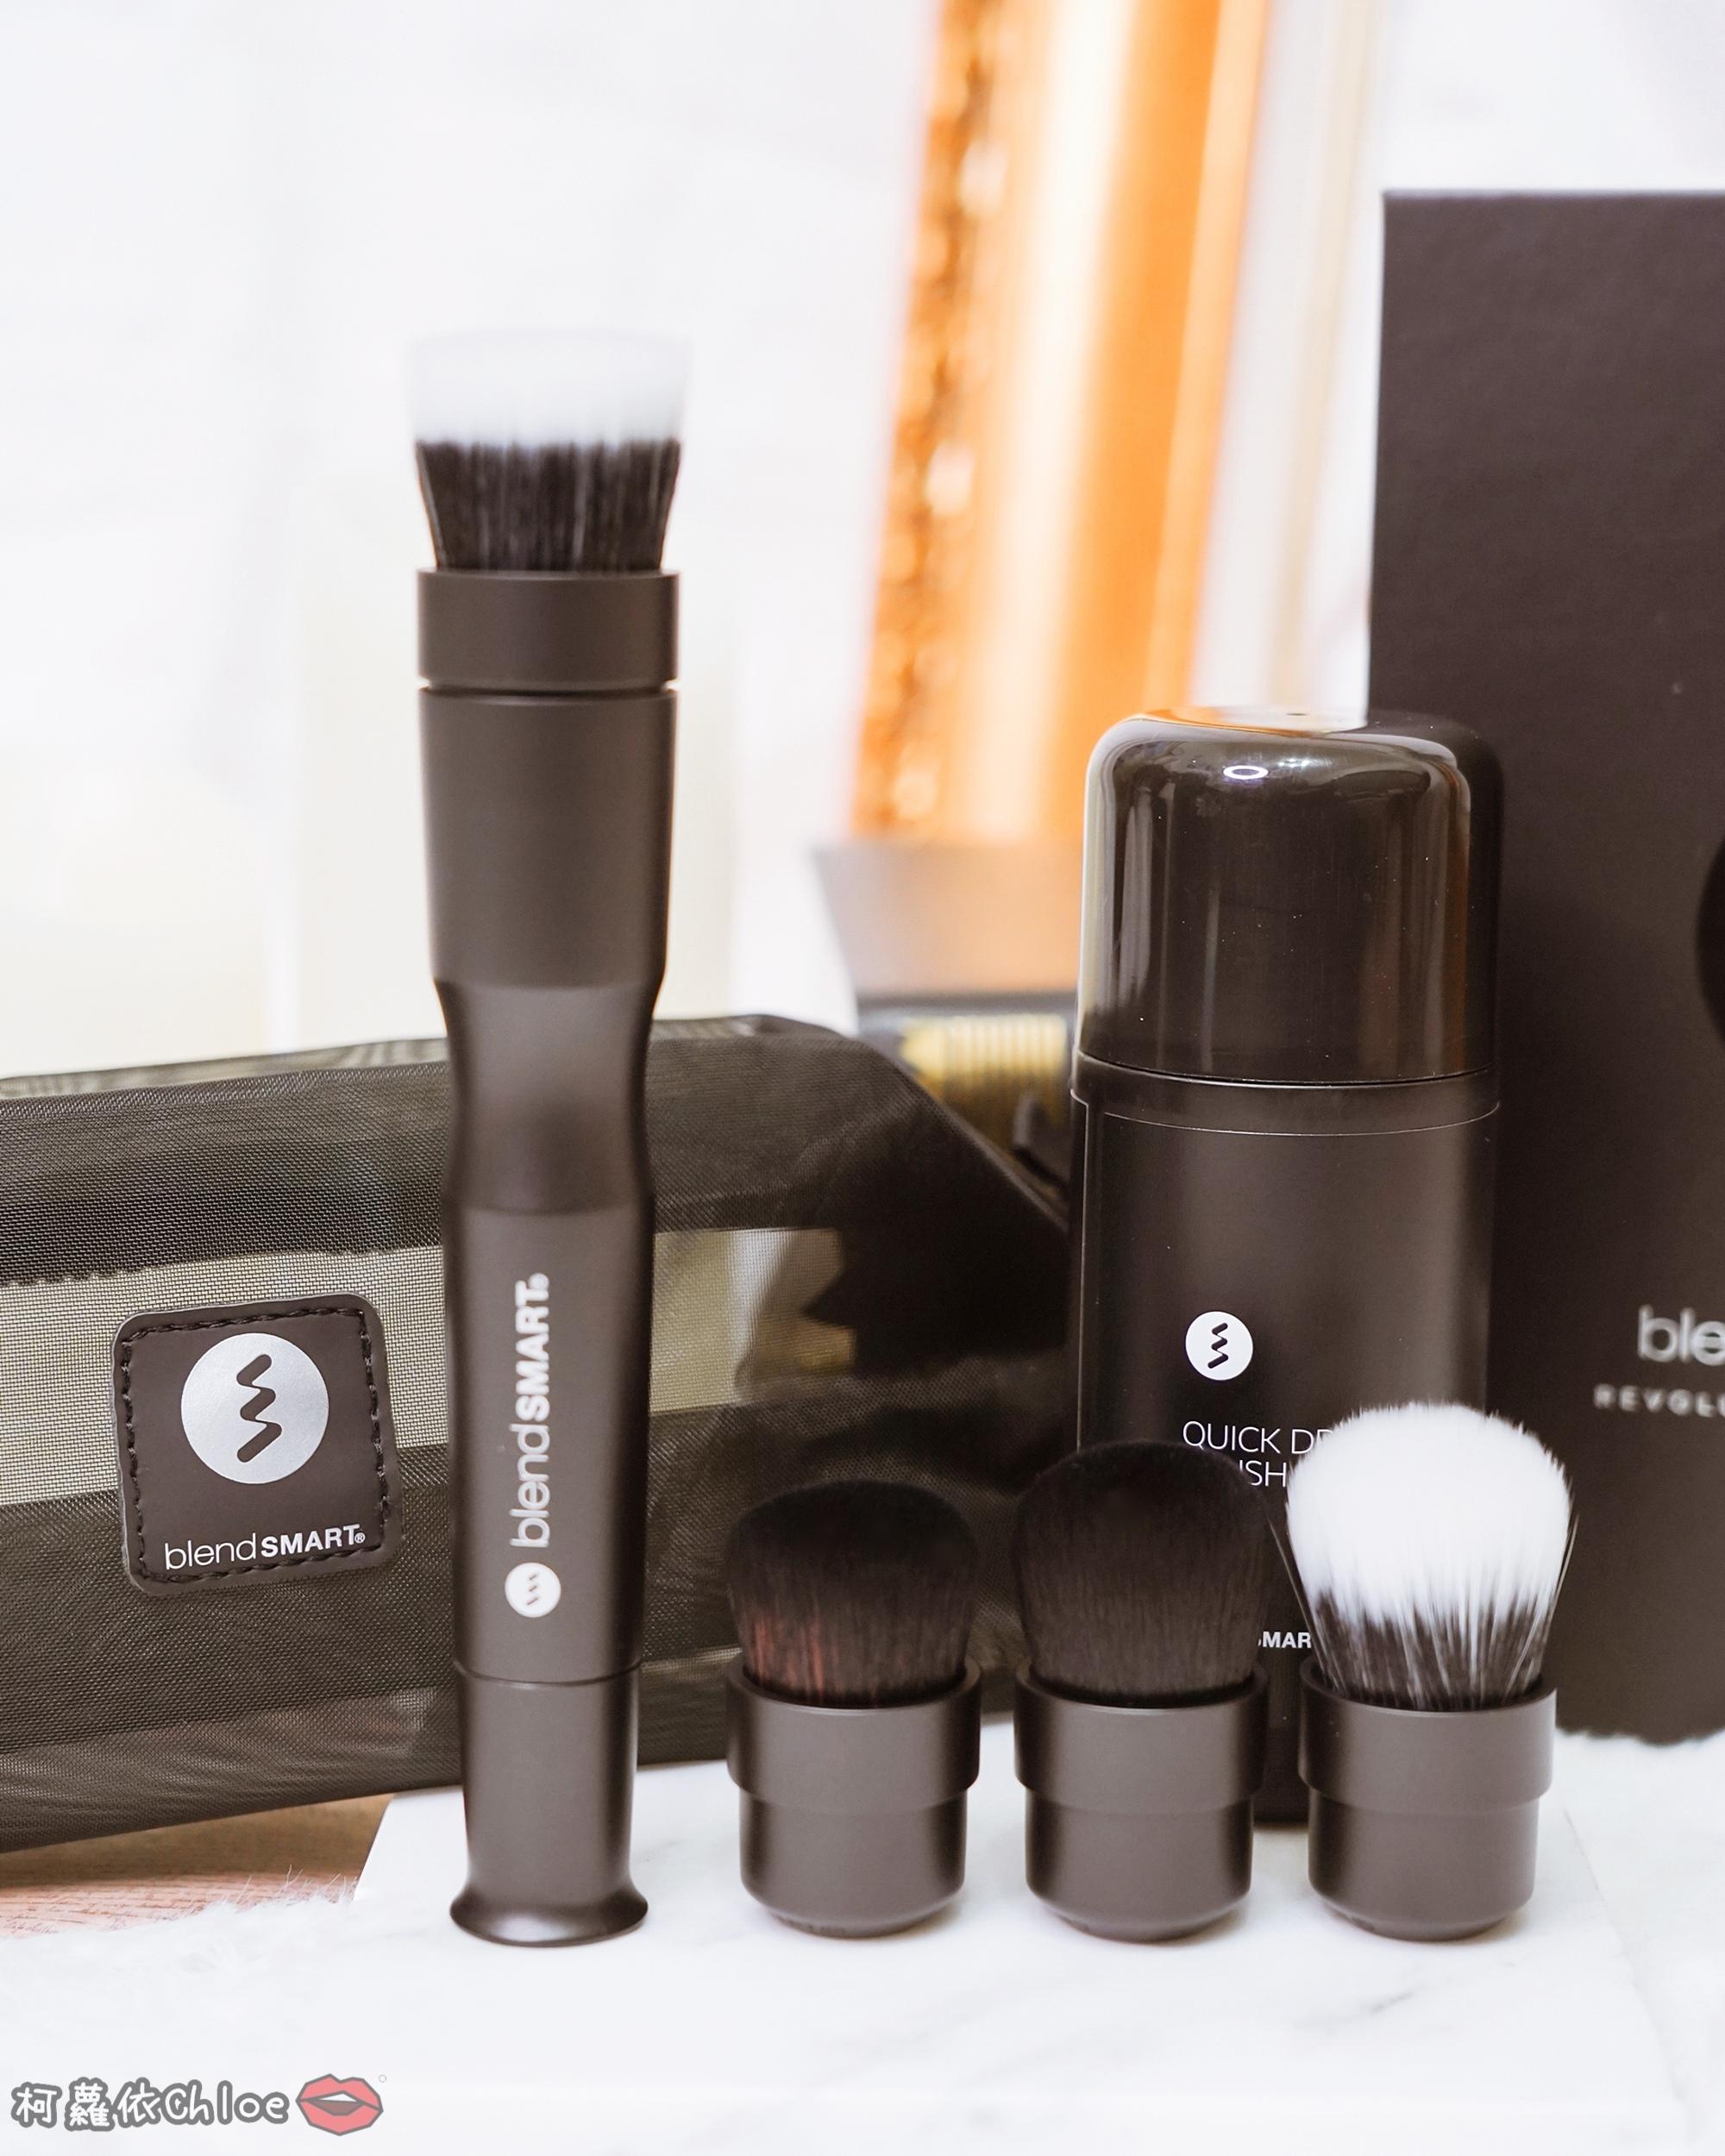 彩妝工具推薦 blendSMART電動化妝刷 達人套裝開箱 上妝輕柔更有效率46.jpg